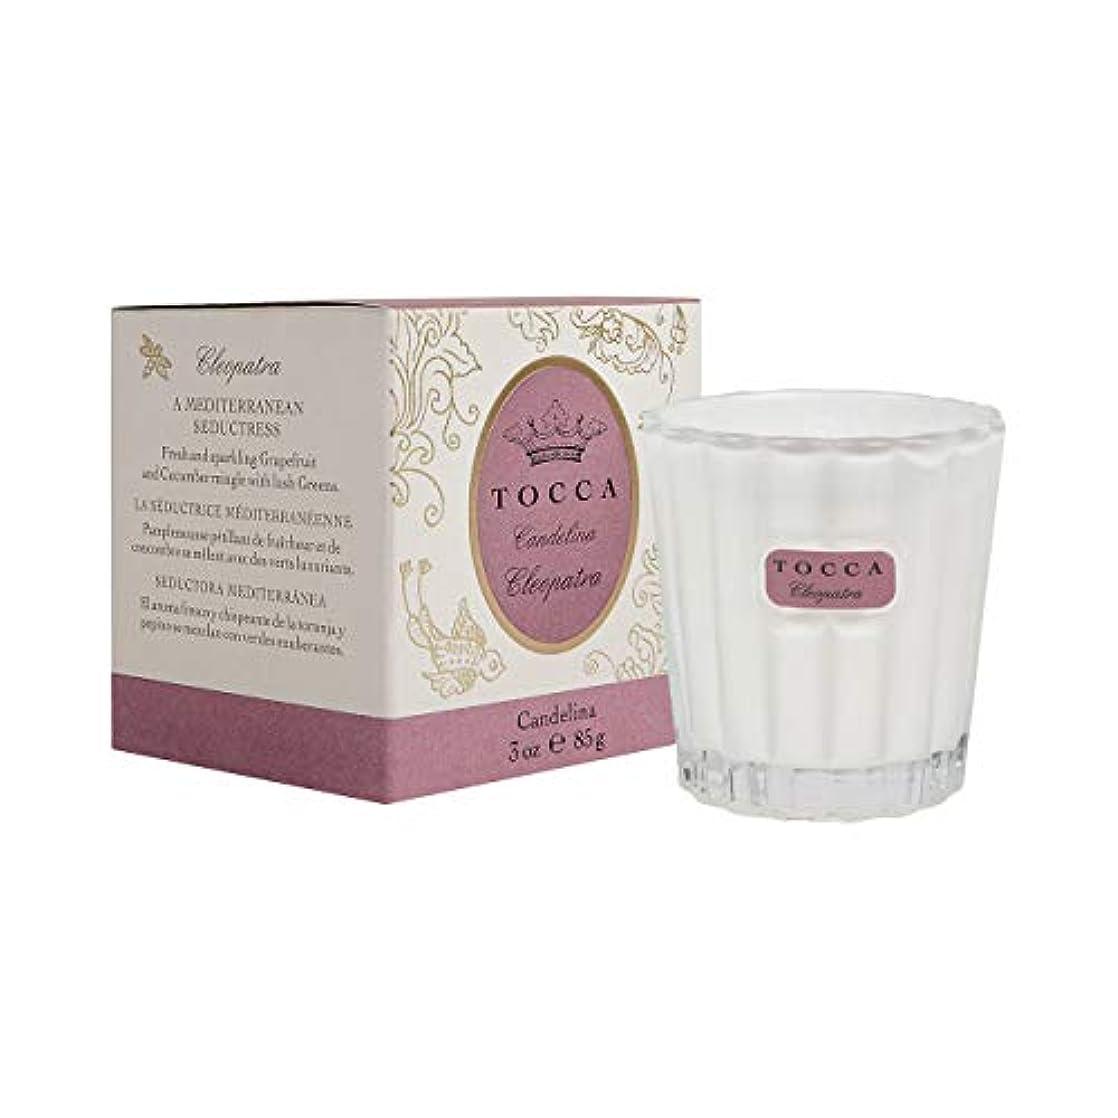 足首憂慮すべき介入するトッカ(TOCCA) キャンデリーナ クレオパトラの香り 約85g (キャンドル ろうそく フレッシュでクリーンな香り)